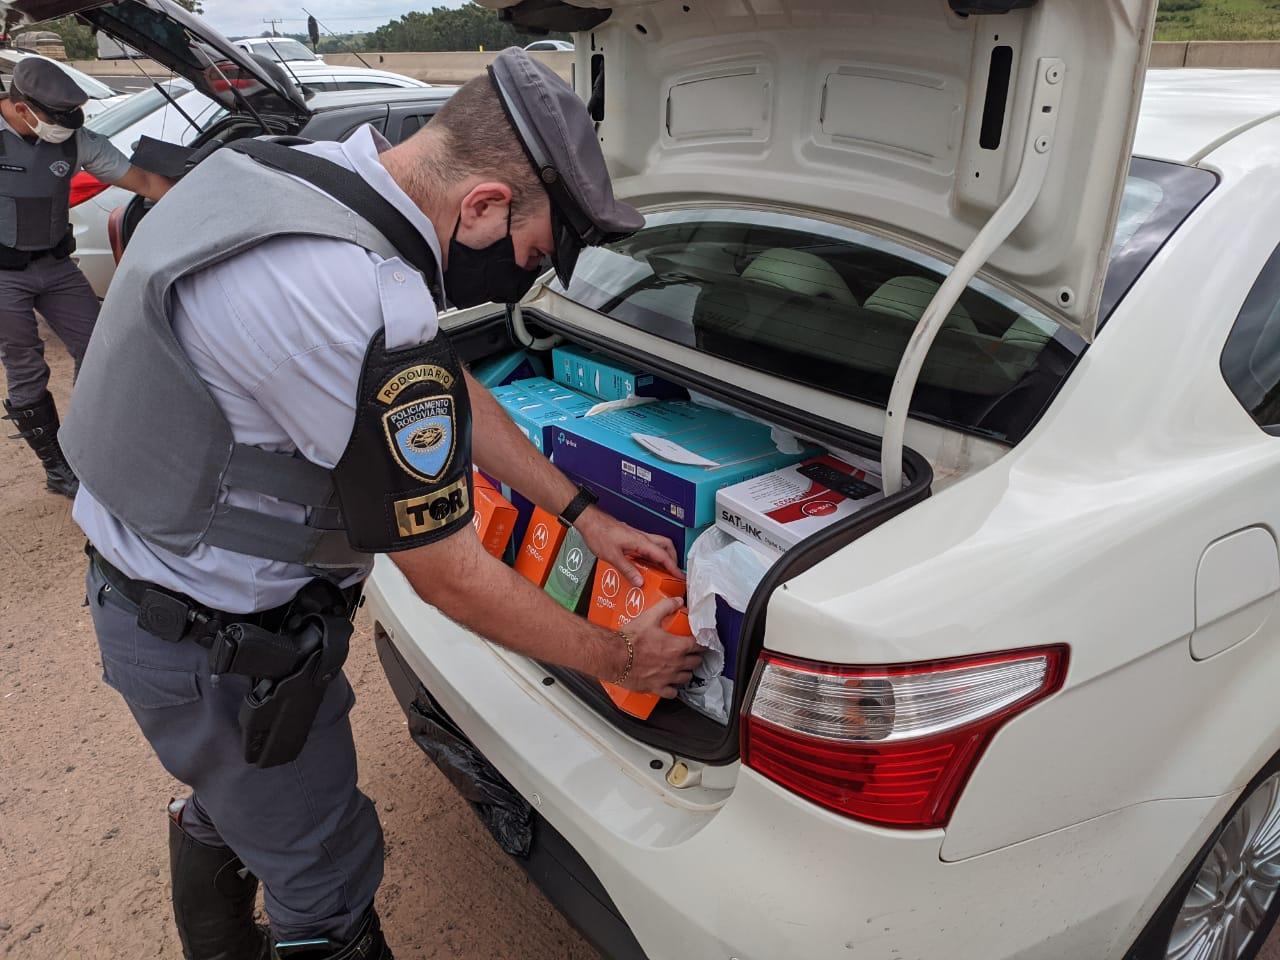 Produtos contrabandeados são apreendidos em rodovia da região.